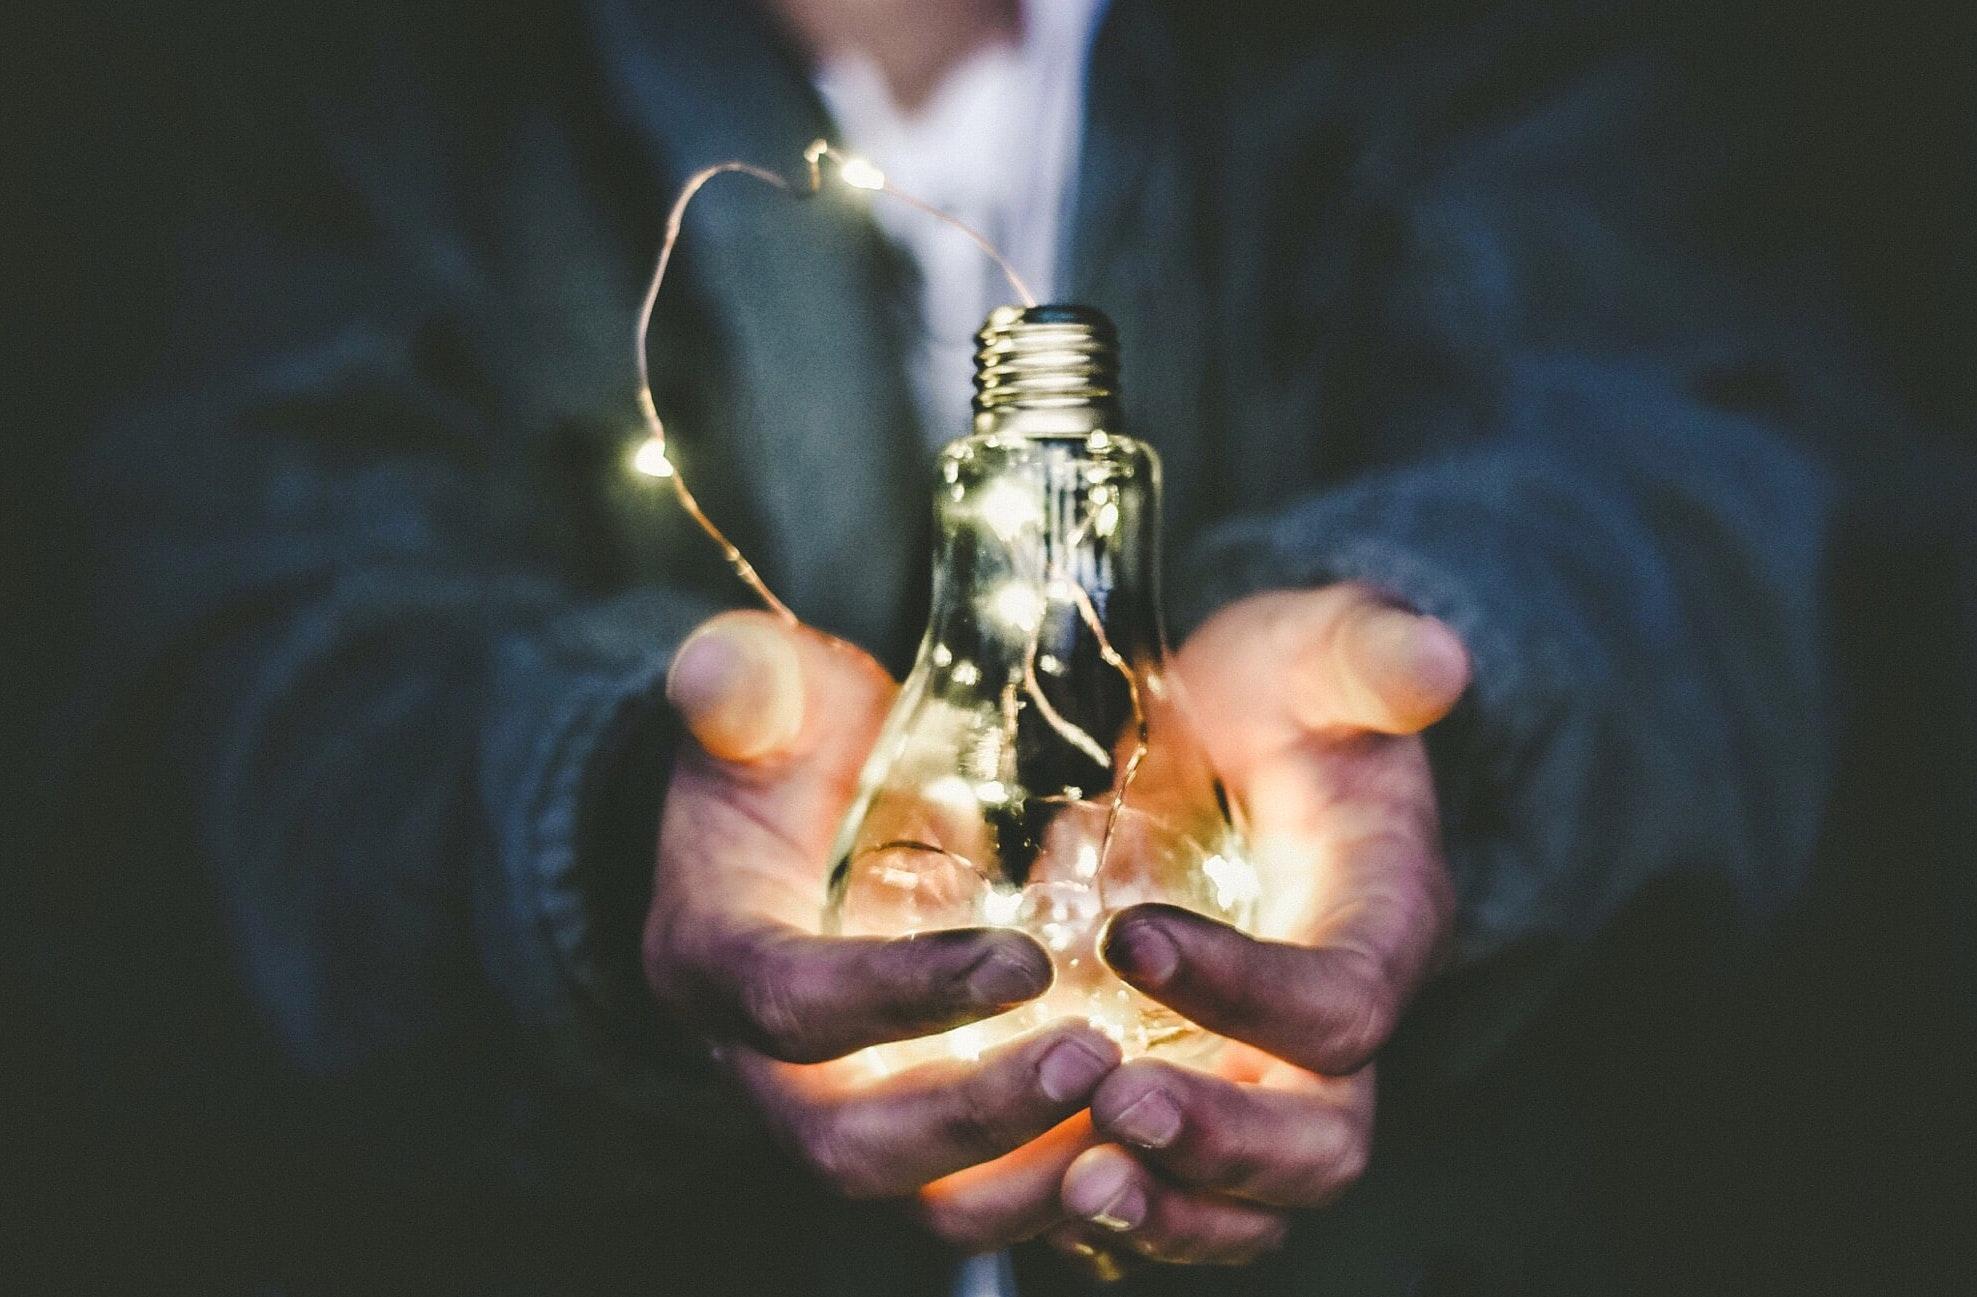 A man holding a bulb